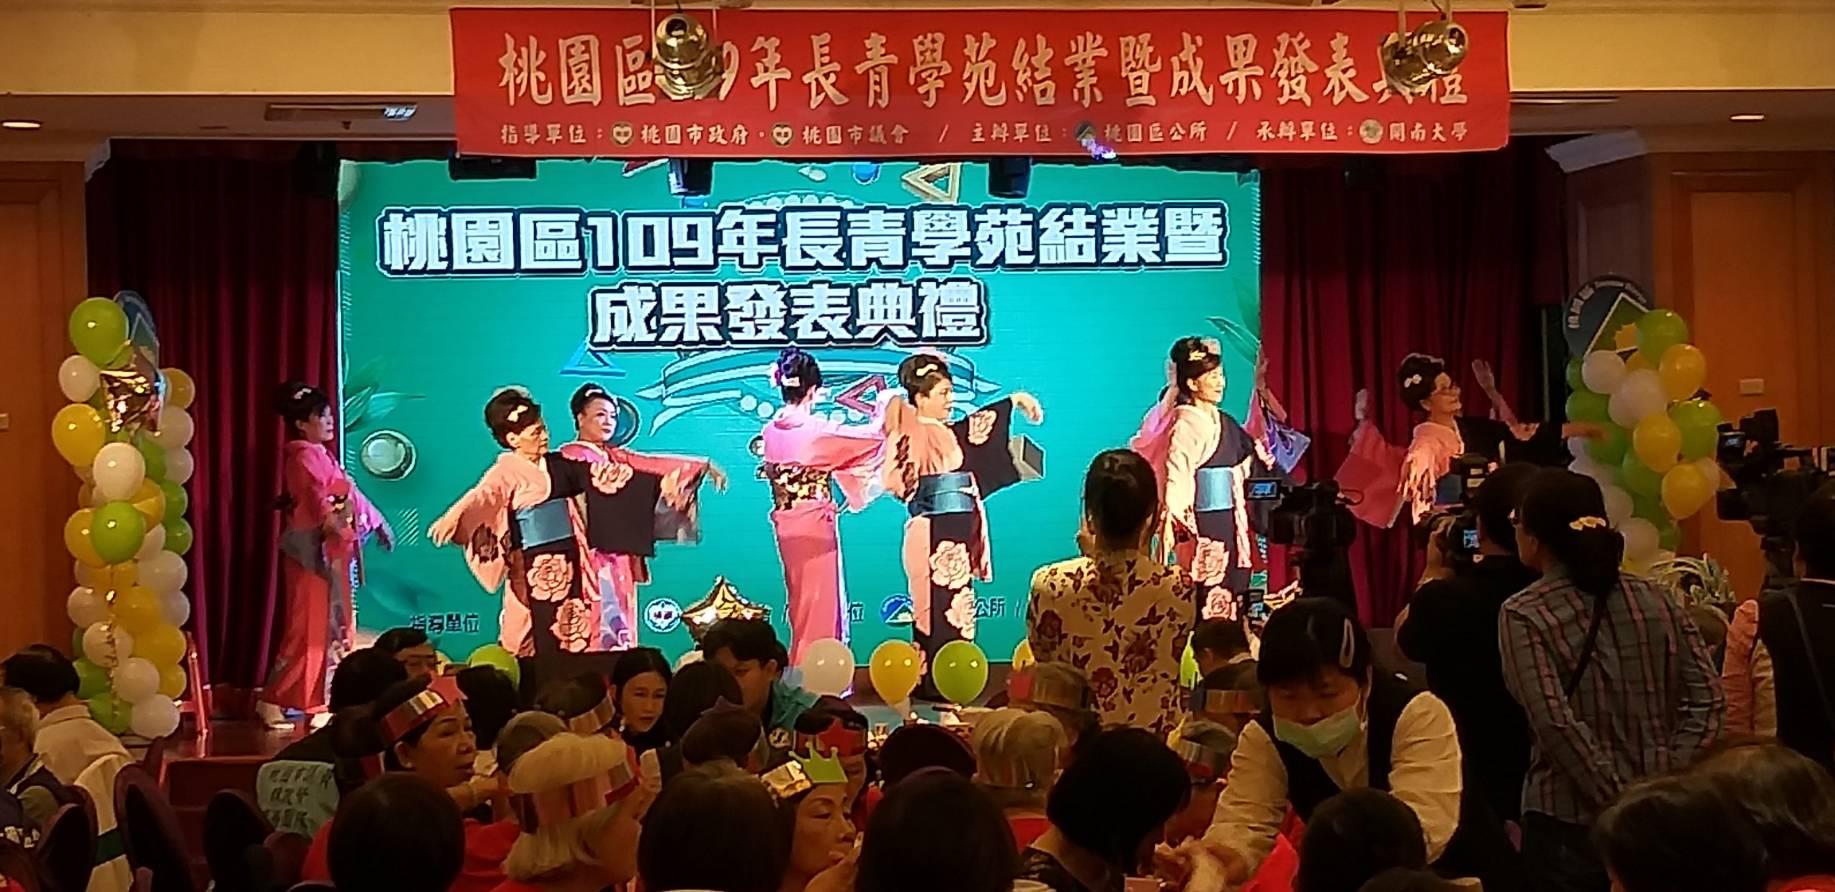 學員表演日本舞踊,讓觀眾眼睛為之一亮。